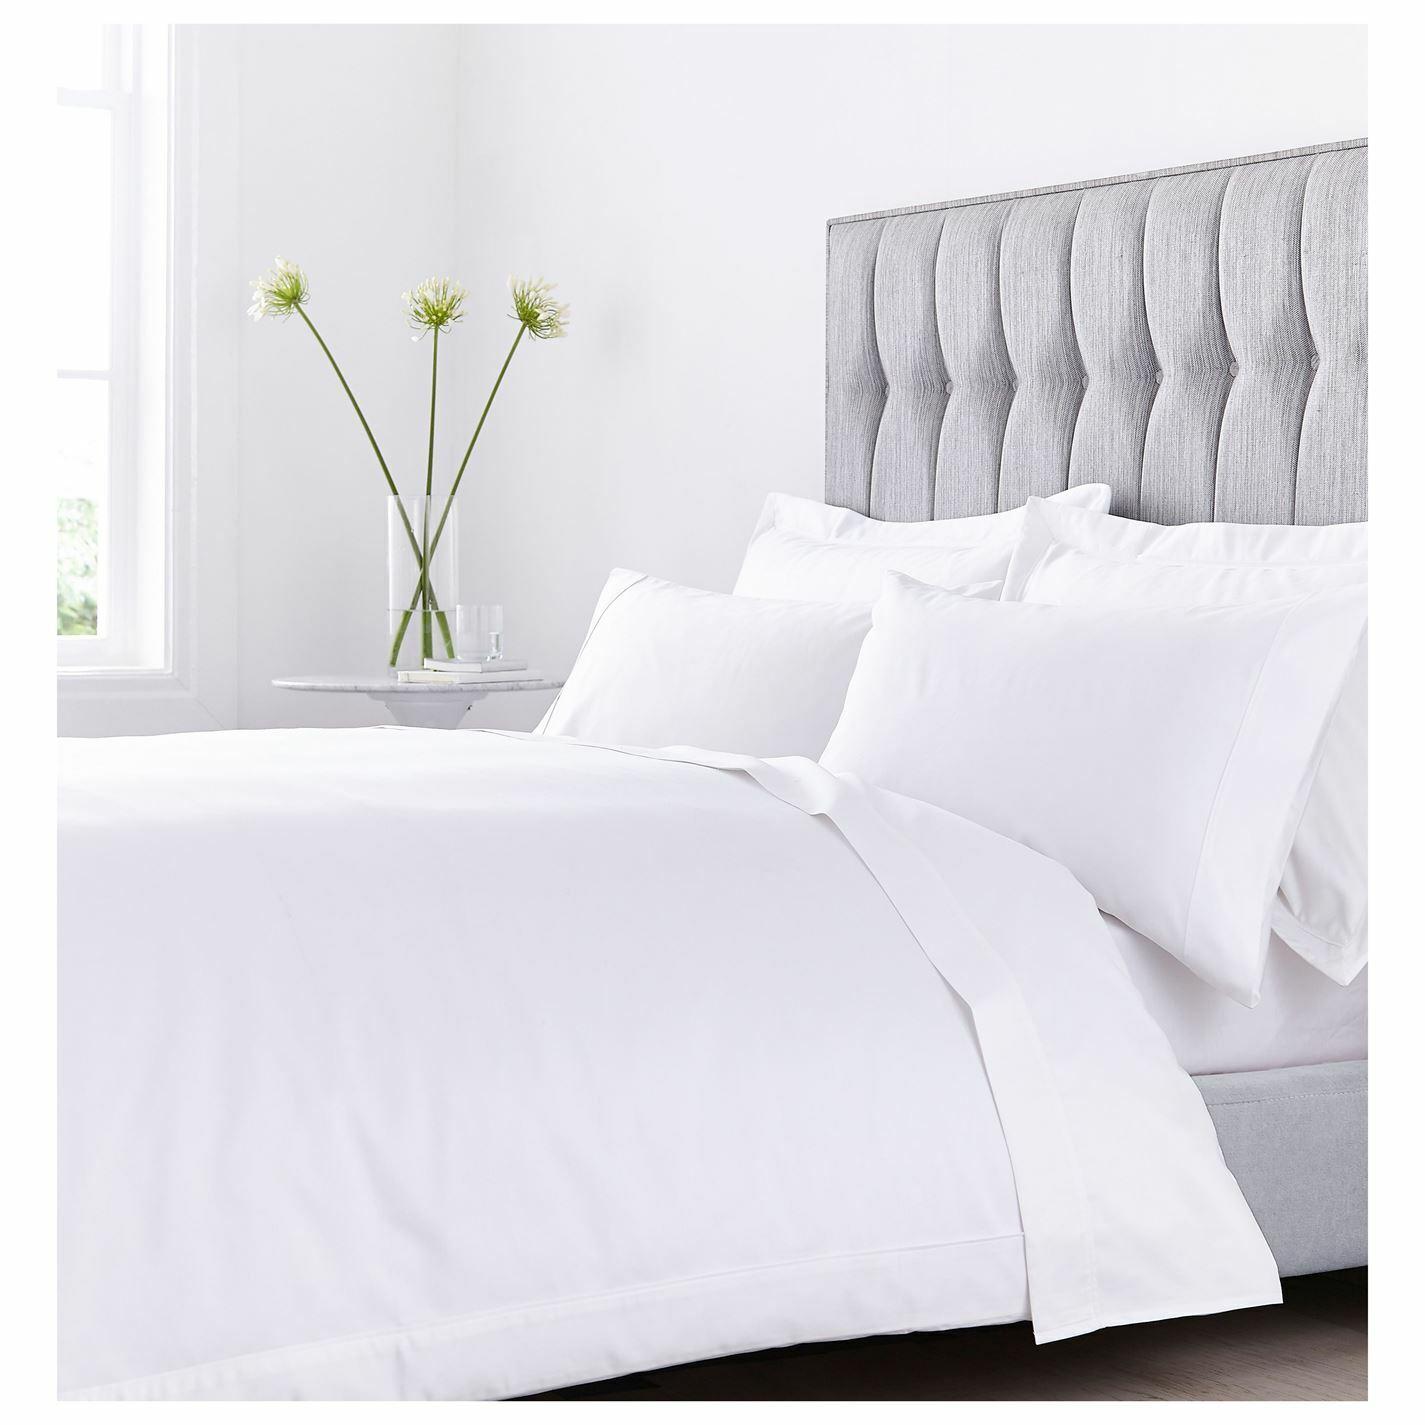 Hotel Collection 800TC Cream Duvet Startseite Unisex Startseites Cotton